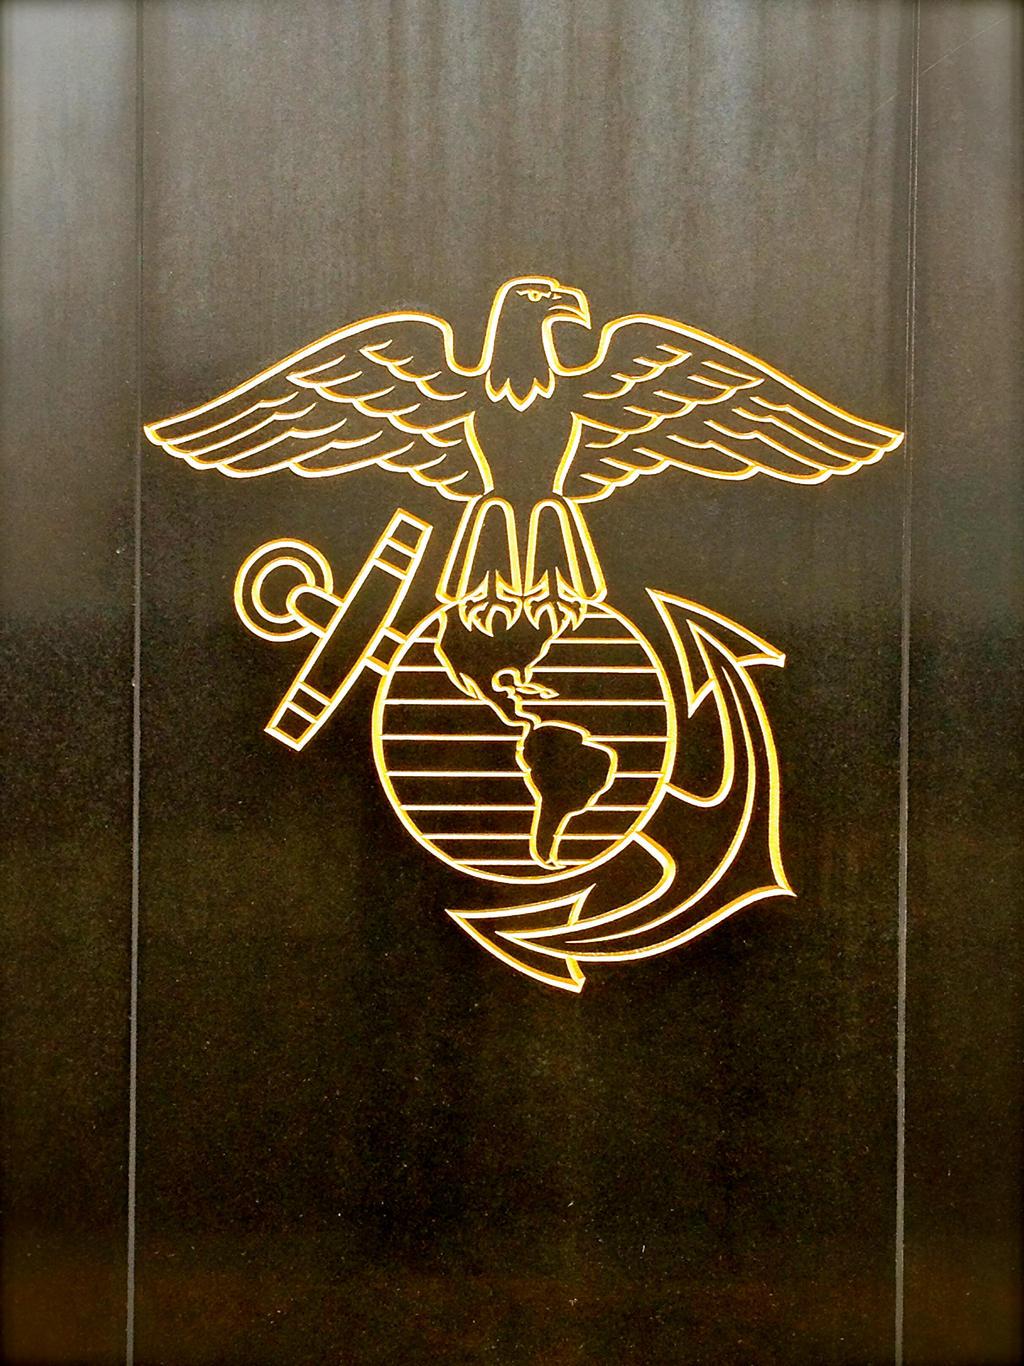 <b>Us Army Wallpaper</b> X3420 <b>iPhone<